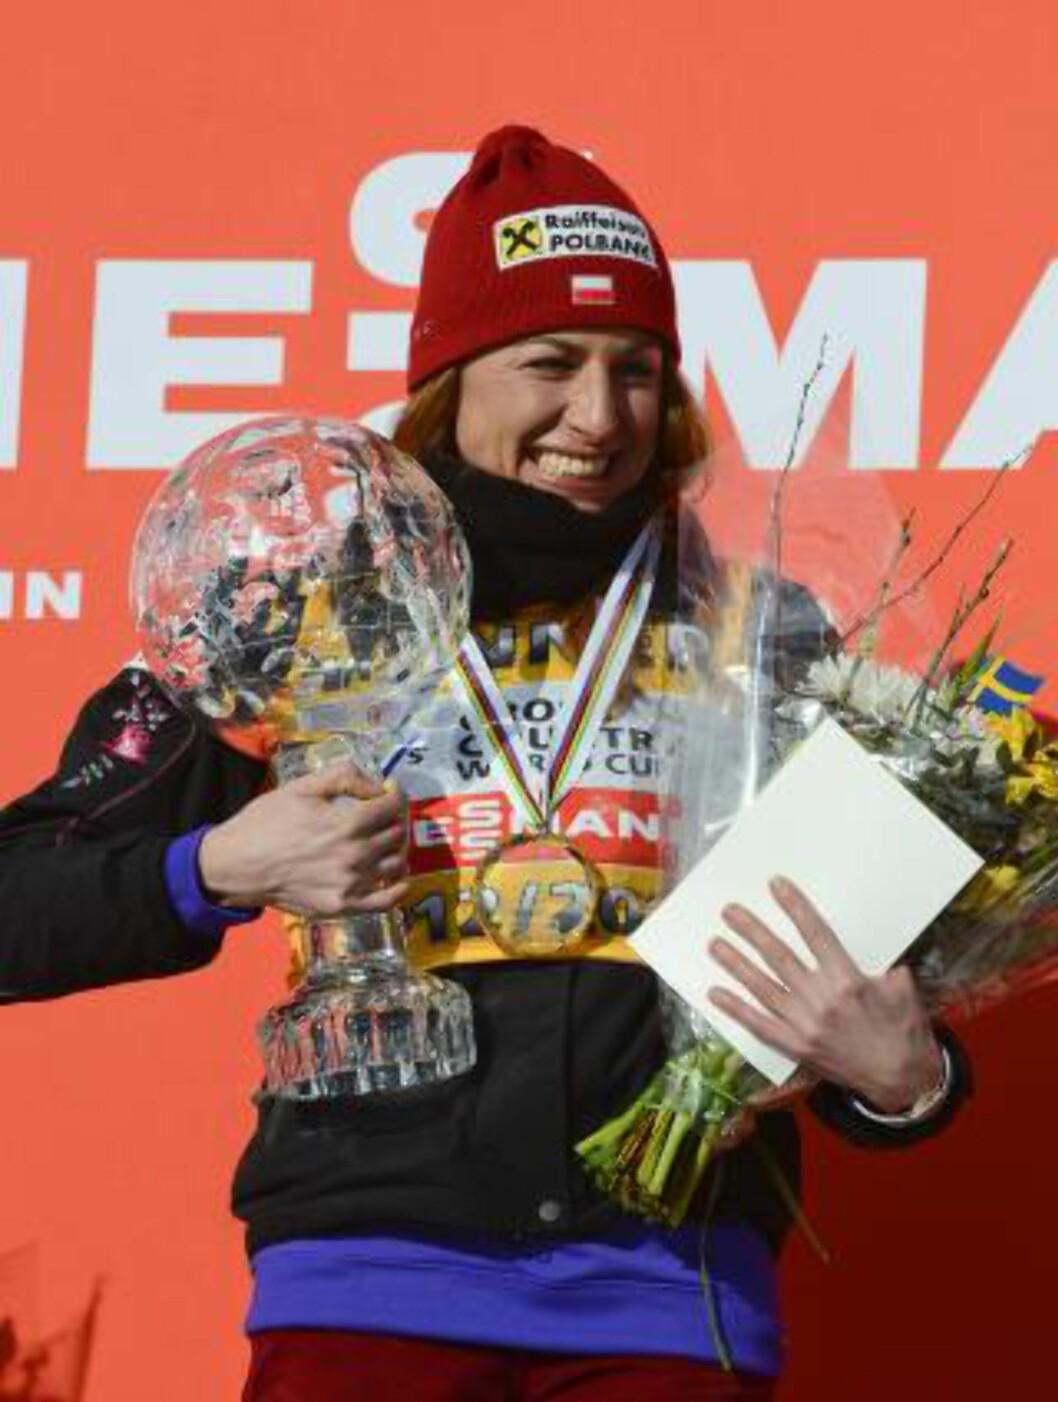 <strong>TJENTE MEST:</strong> Justyna Kowalczyk er den langrennsløperen som innkassert mest i pengepremier denne sesongen. Foto: NTB Scanpix